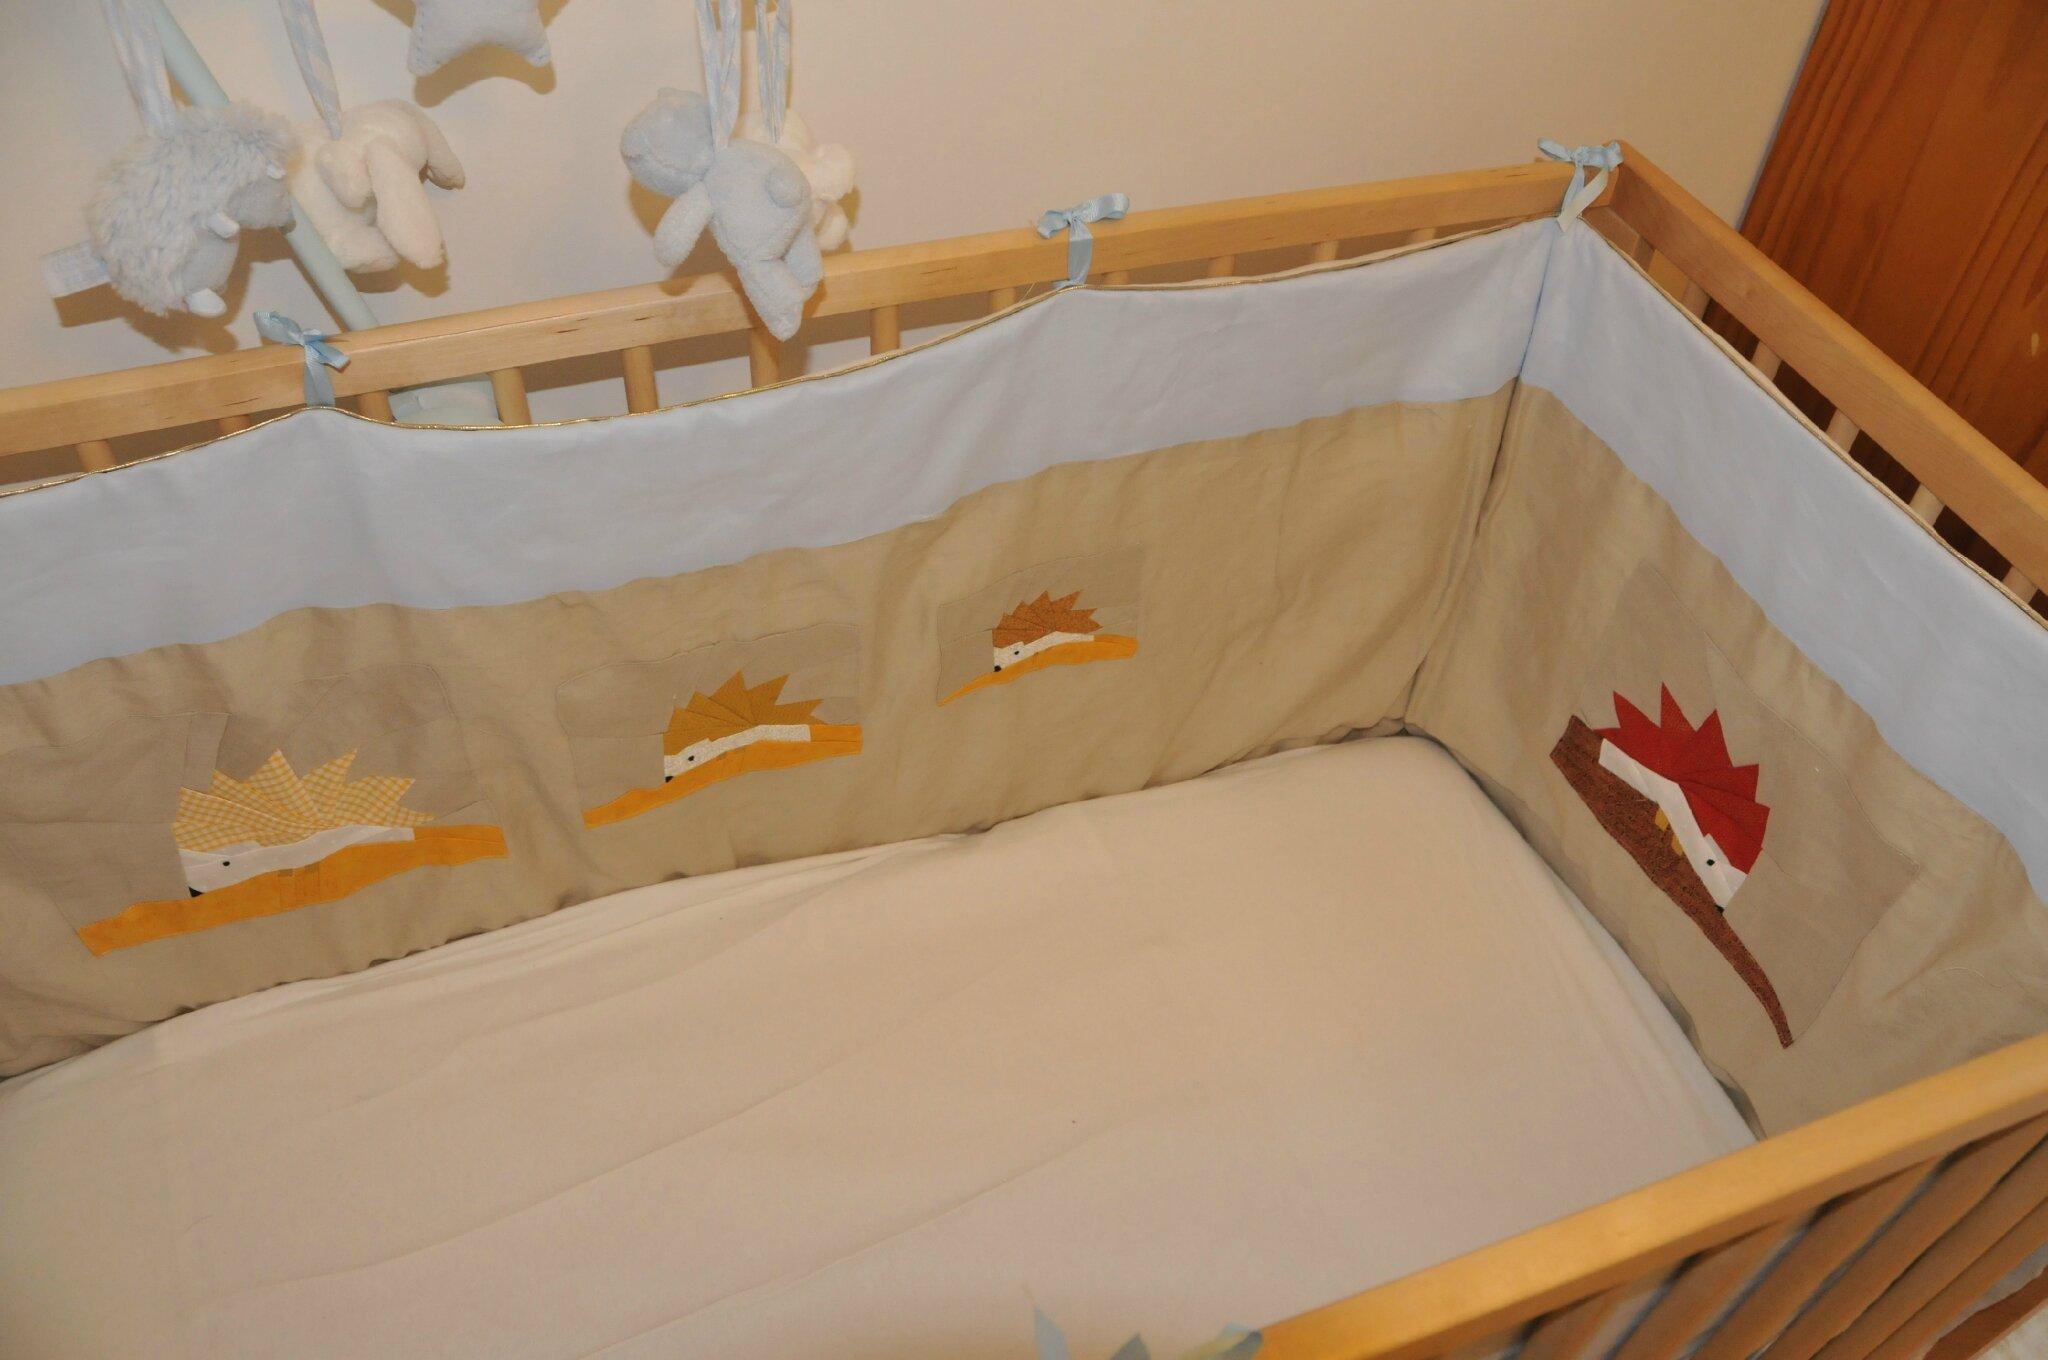 comment mettre un tour de lit bébé Comment mettre un tour de lit   Tout savoir sur la Maison Omote comment mettre un tour de lit bébé